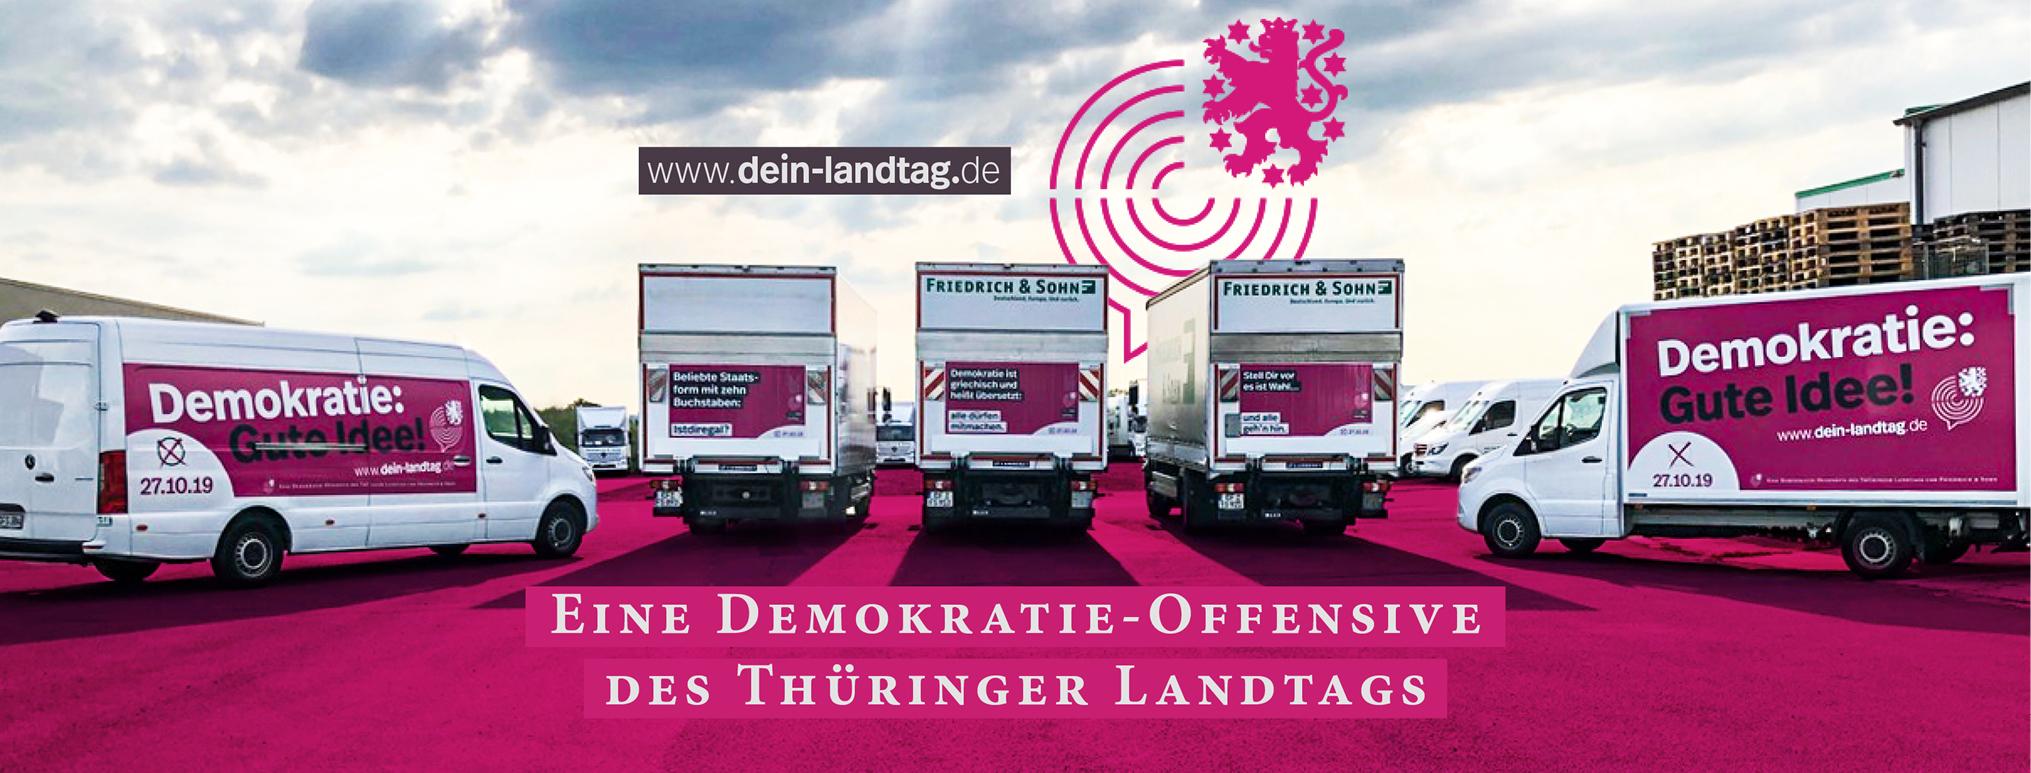 Samt&Seidel_Referenzen_Landtag_Kampagne_17